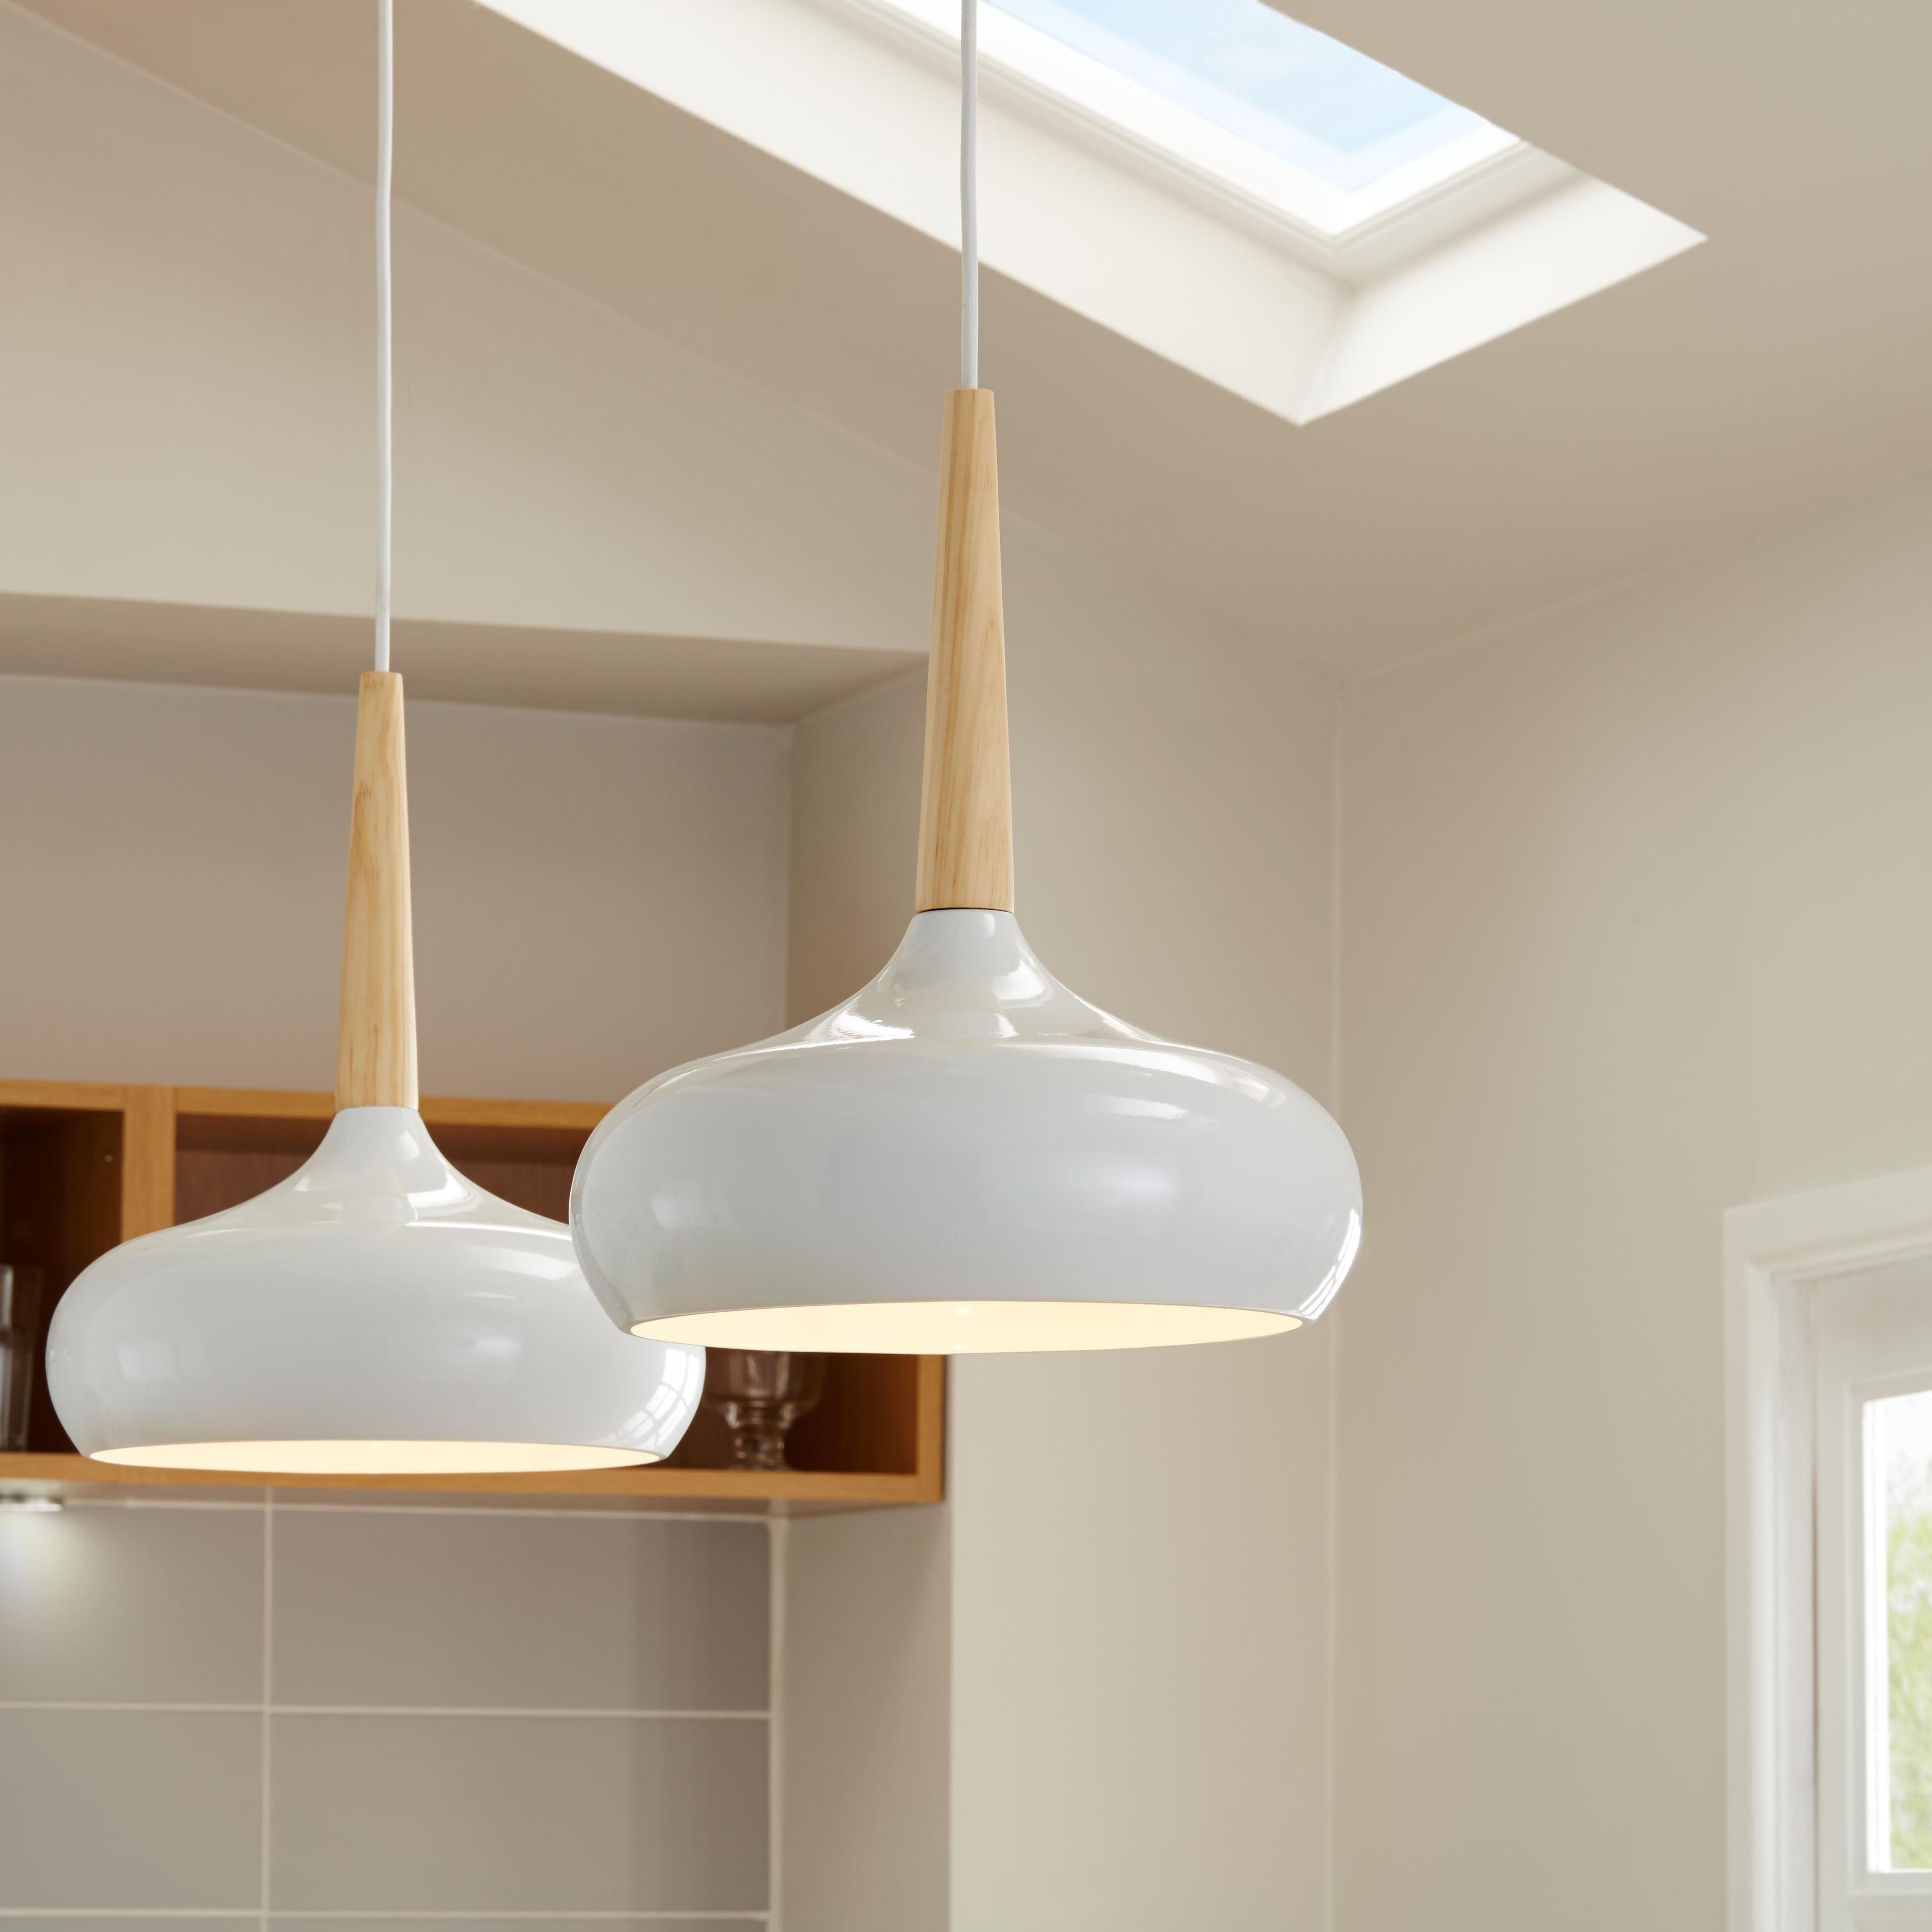 kitchen lights kitchen ceiling lights spotlights rh diy com kitchen ceiling light fixtures flush mount kitchen ceiling lights led